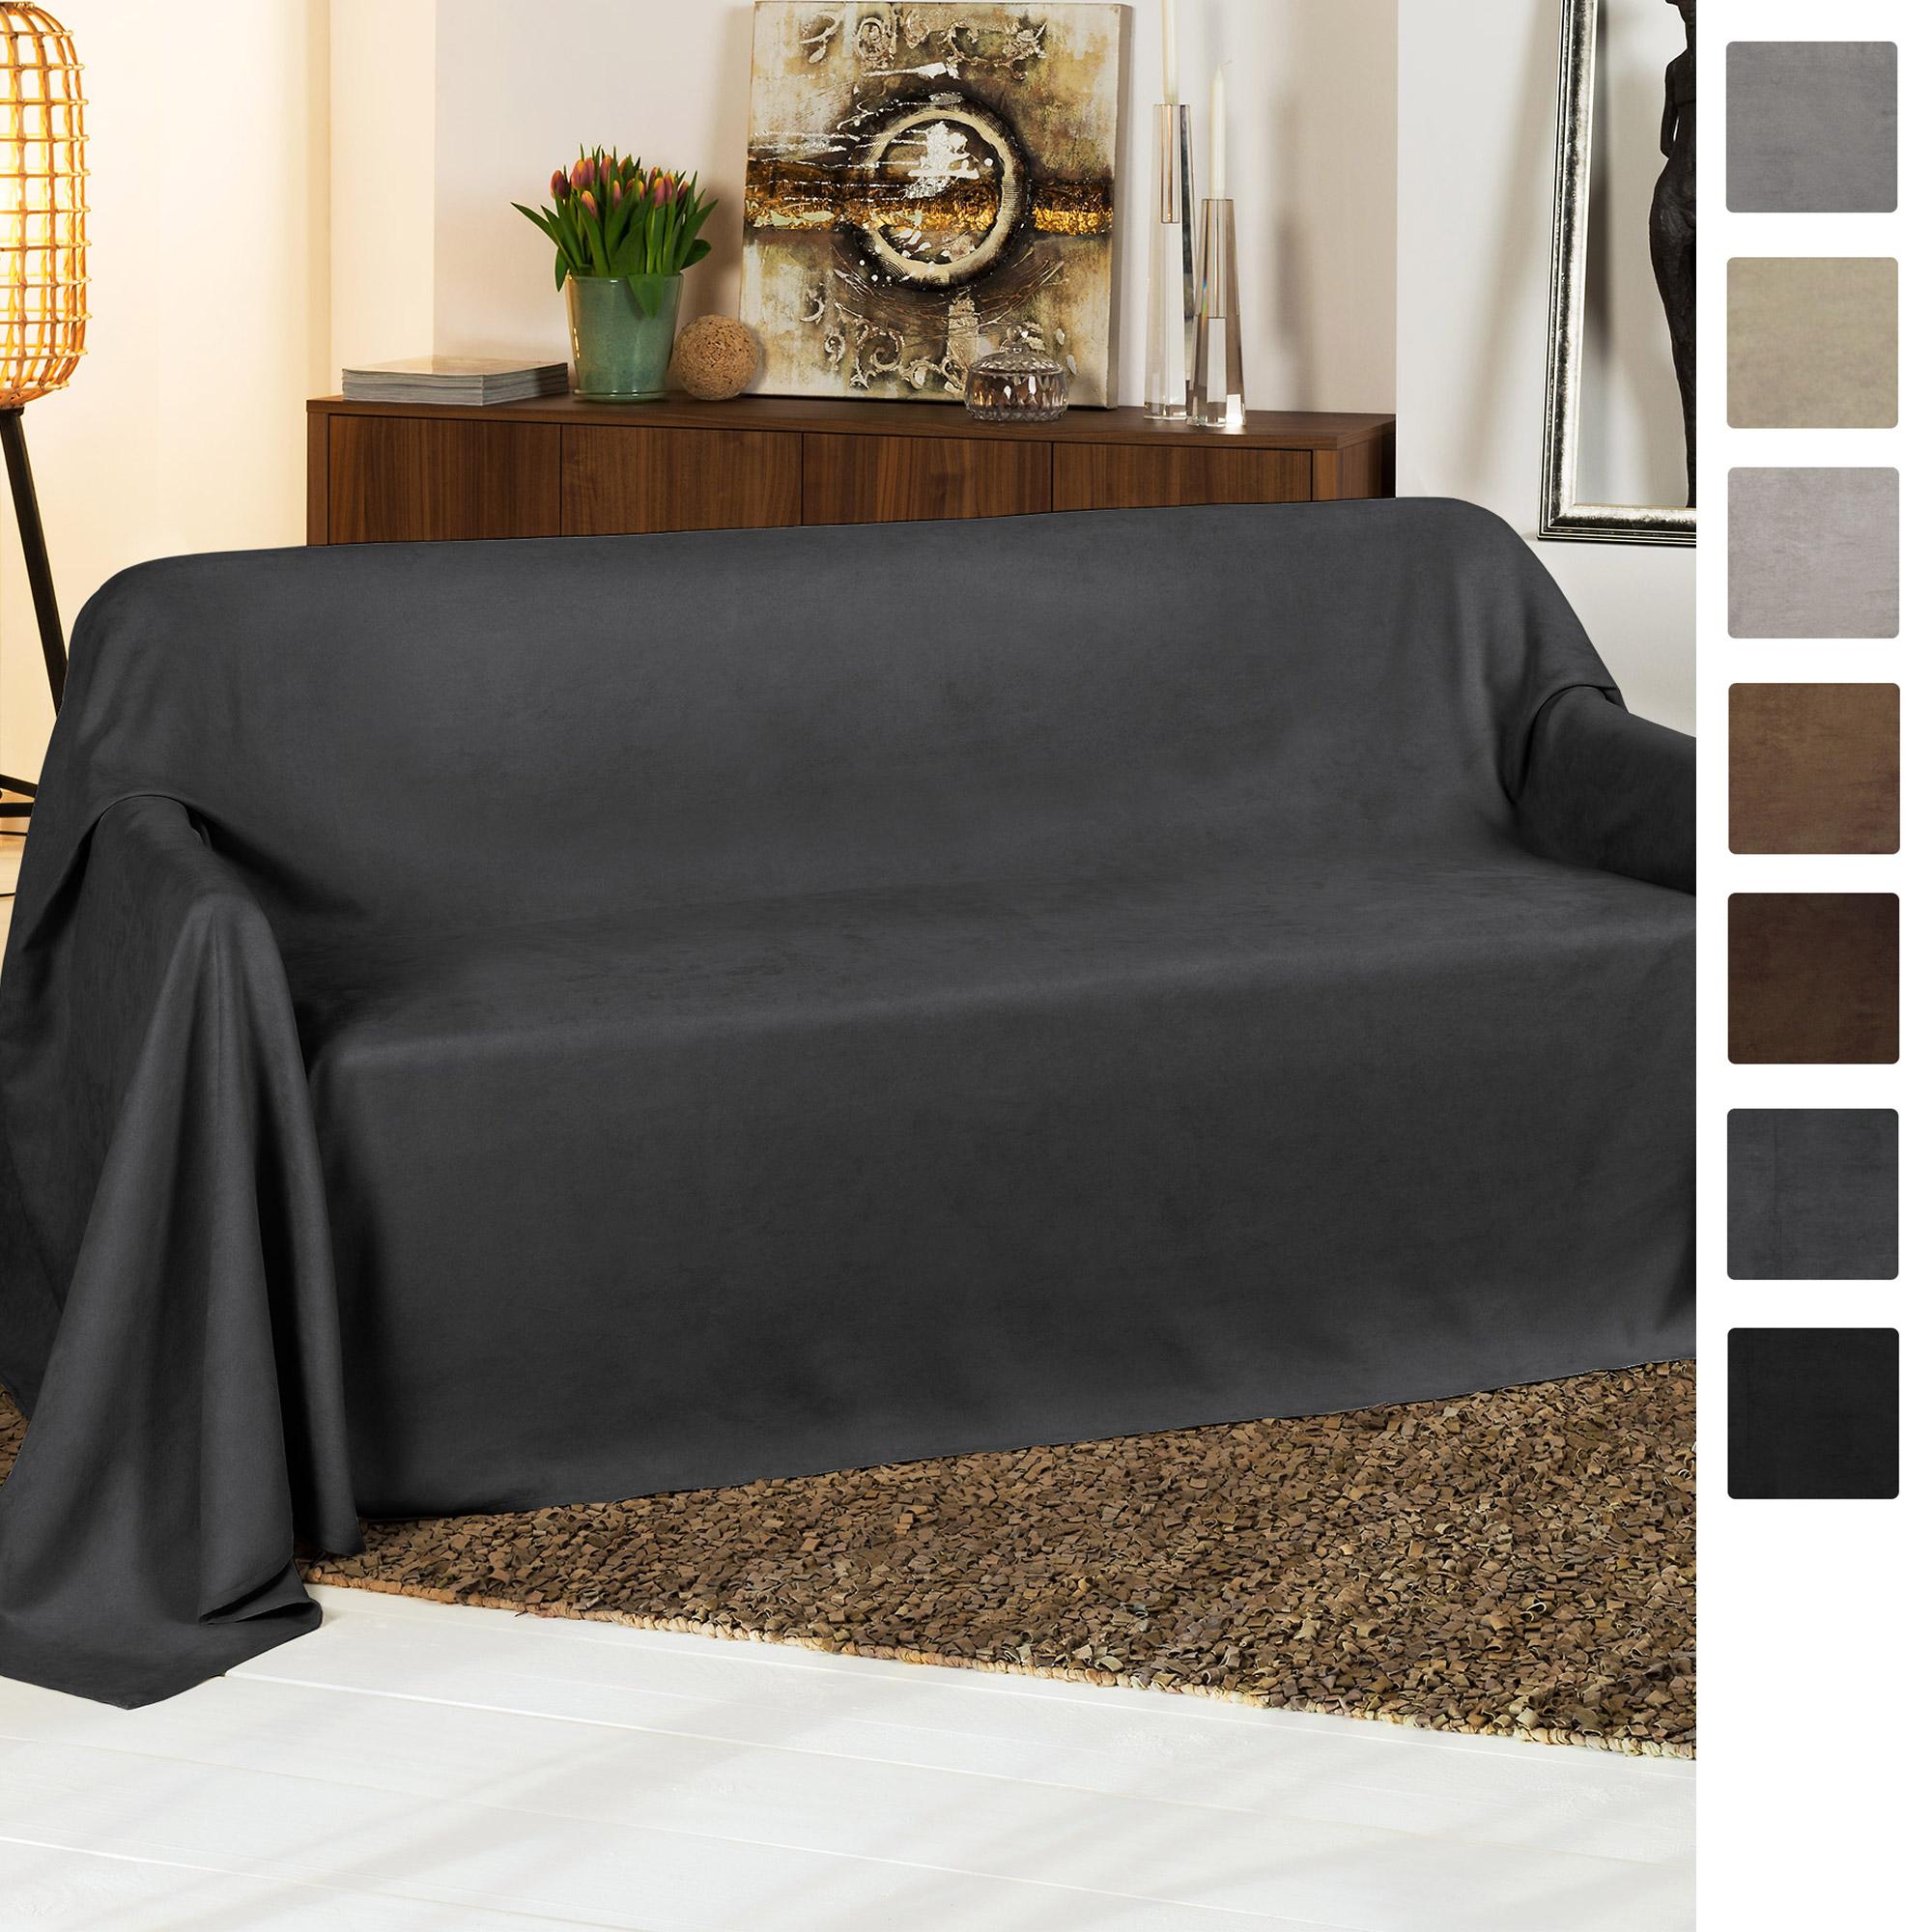 Full Size of Tagesdecke Bett Tagesdecken Japanische Betten Schwebendes Badewanne Bette Holz Ebay 180x200 120x200 Massivholz Breite Test Günstig Düsseldorf Selber Bett Tagesdecke Bett